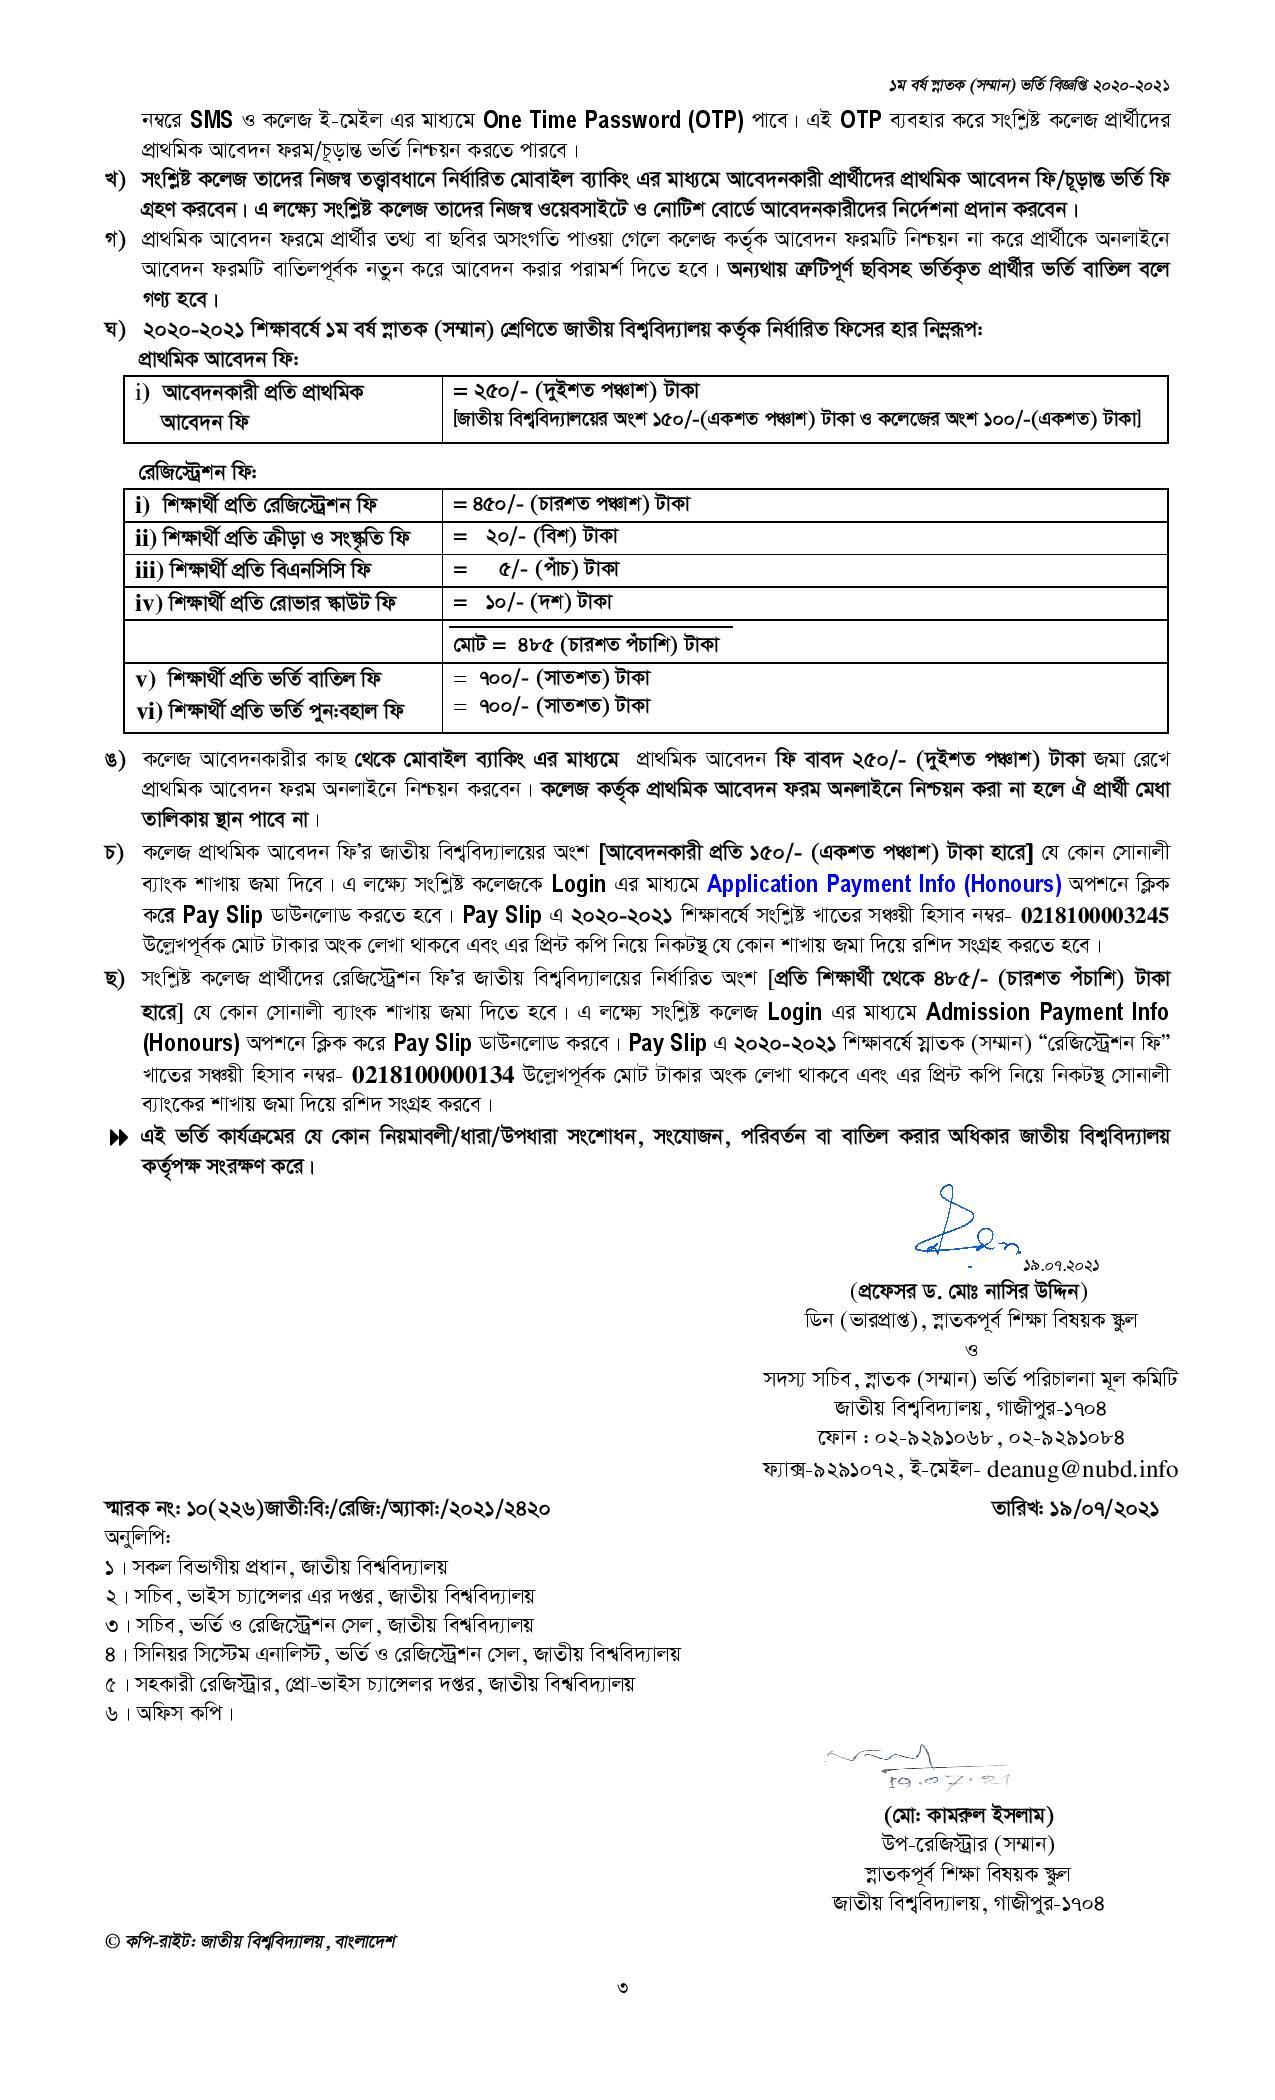 nu-honours-admission-circular-2